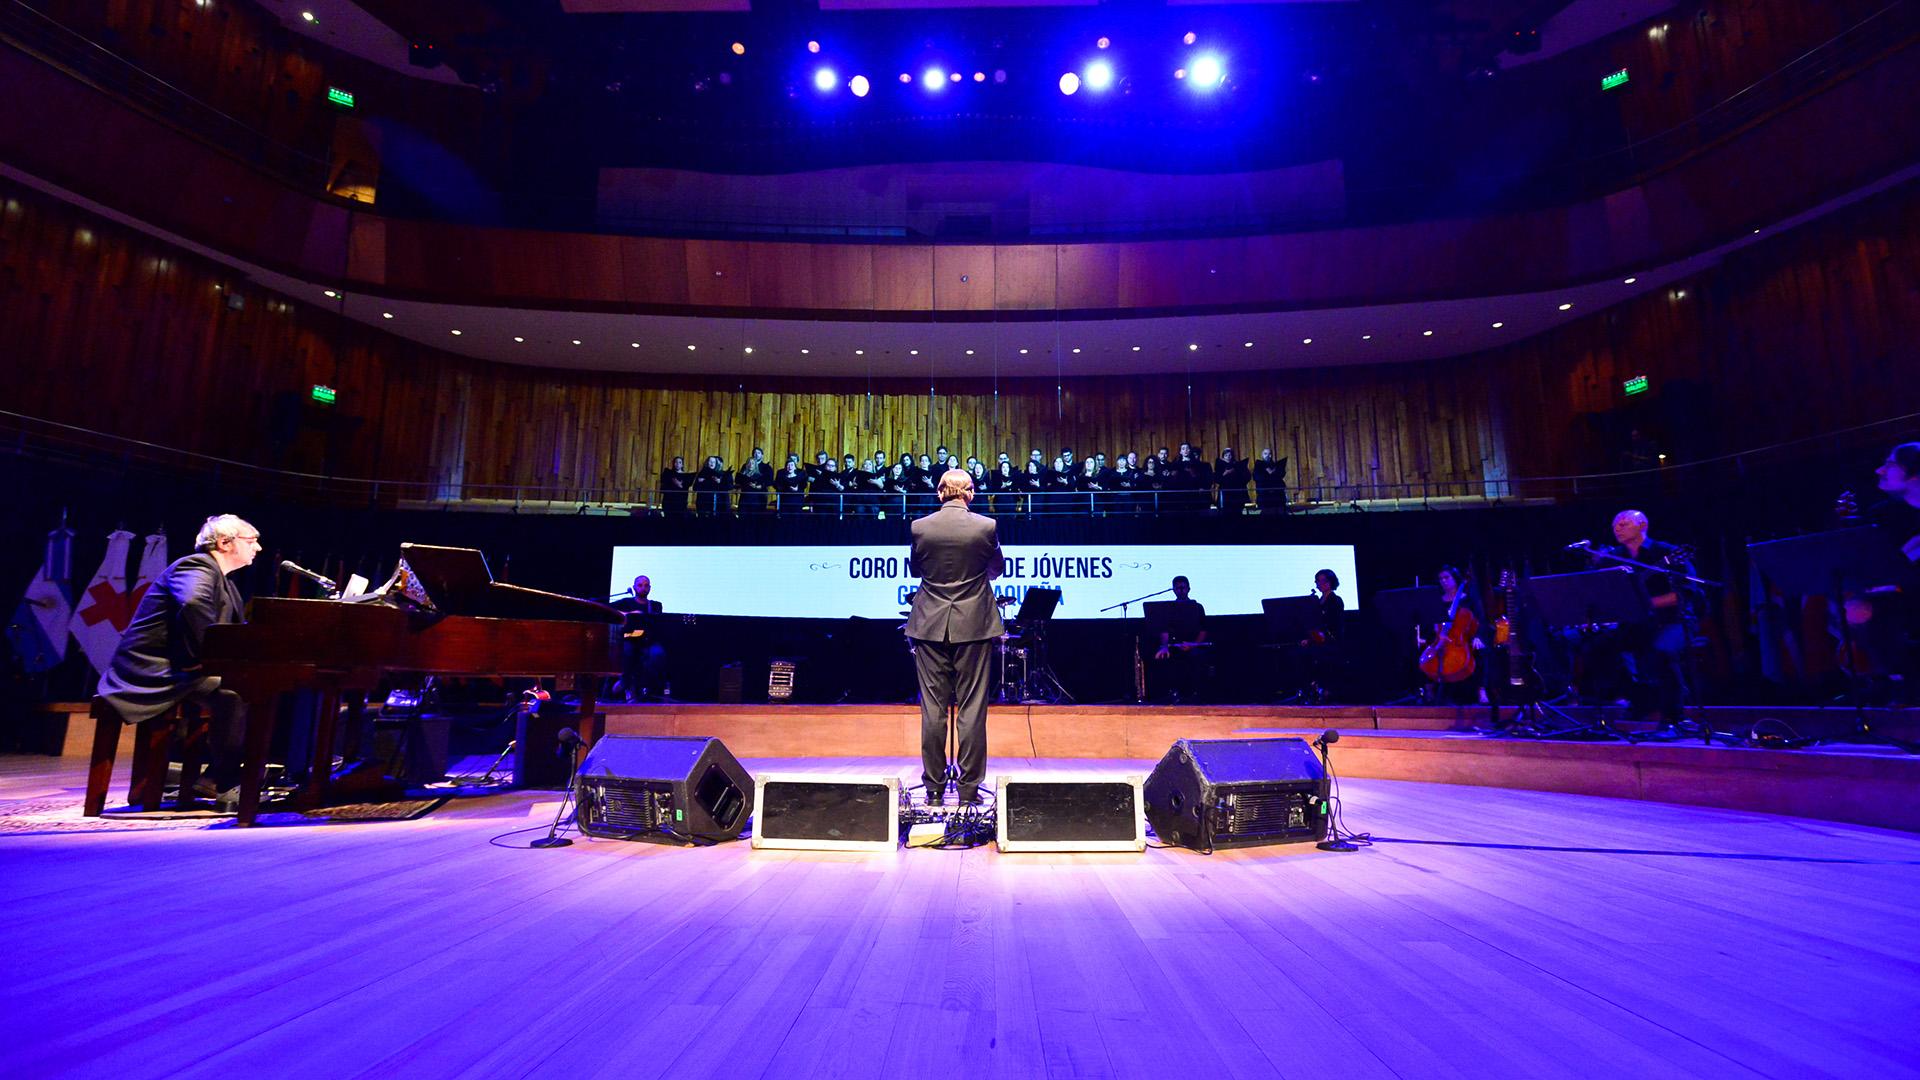 El Coro Nacional de Jóvenes